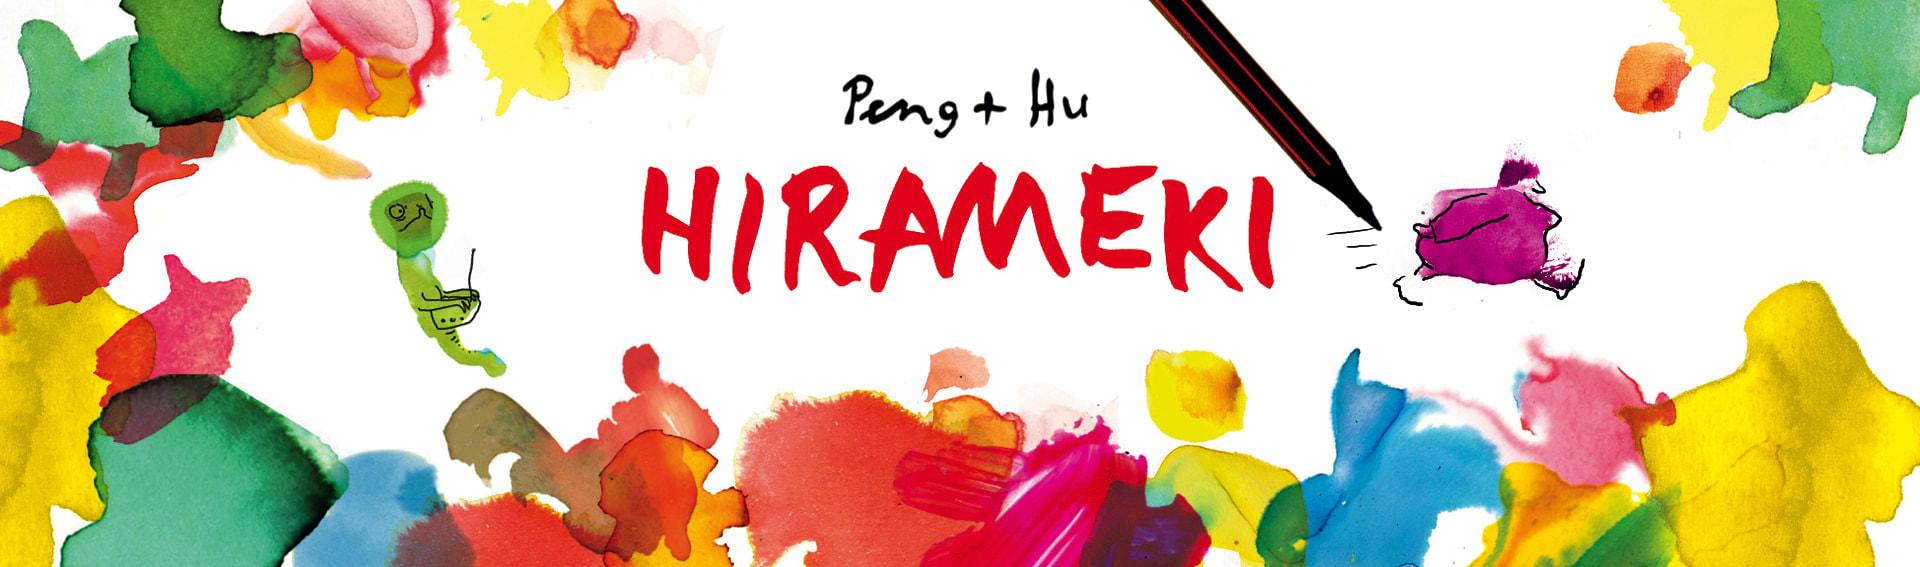 Peng + Hu Hirameki